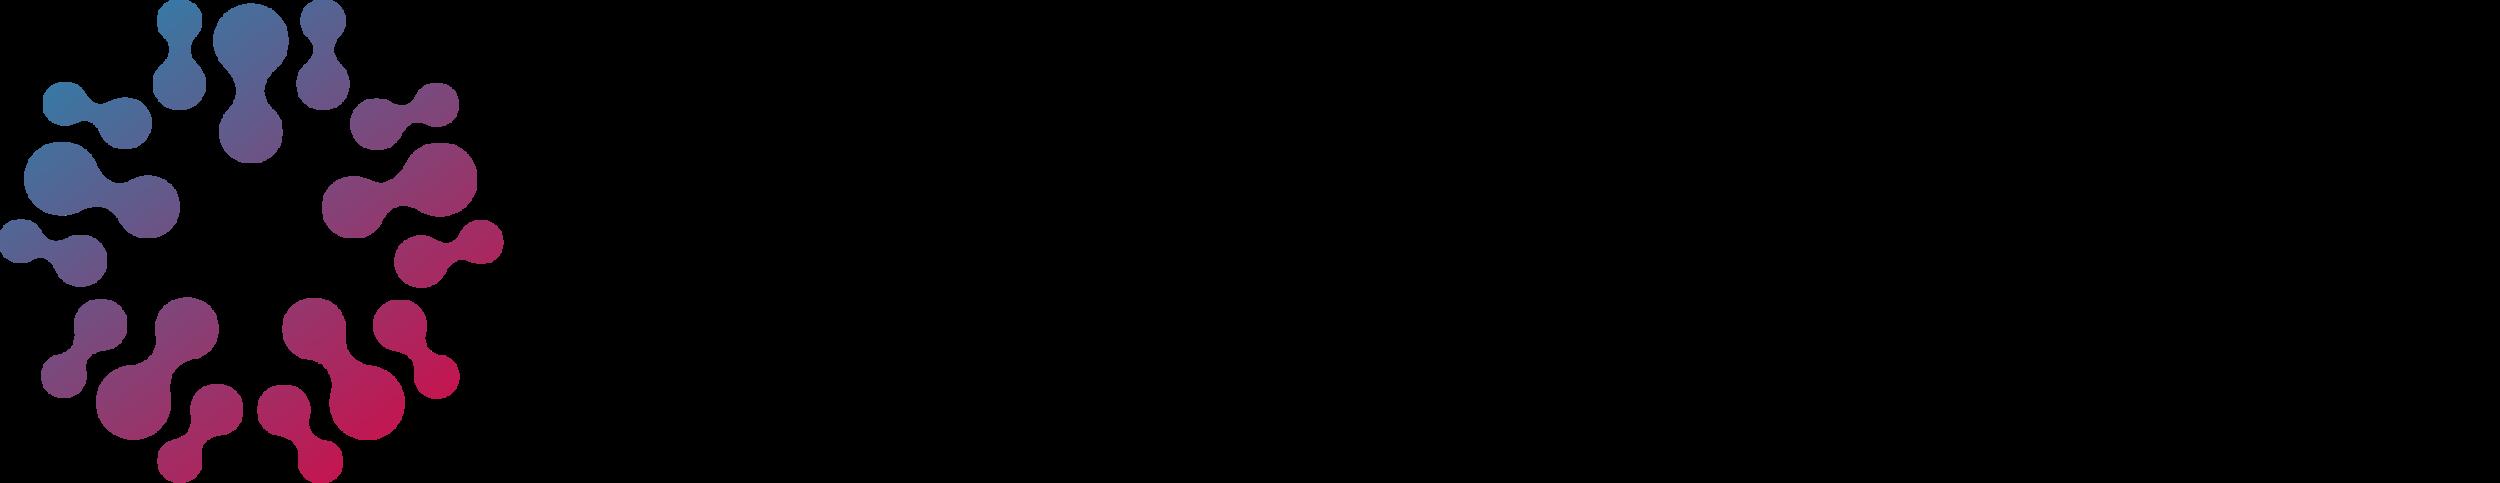 Nanotech 1000.png